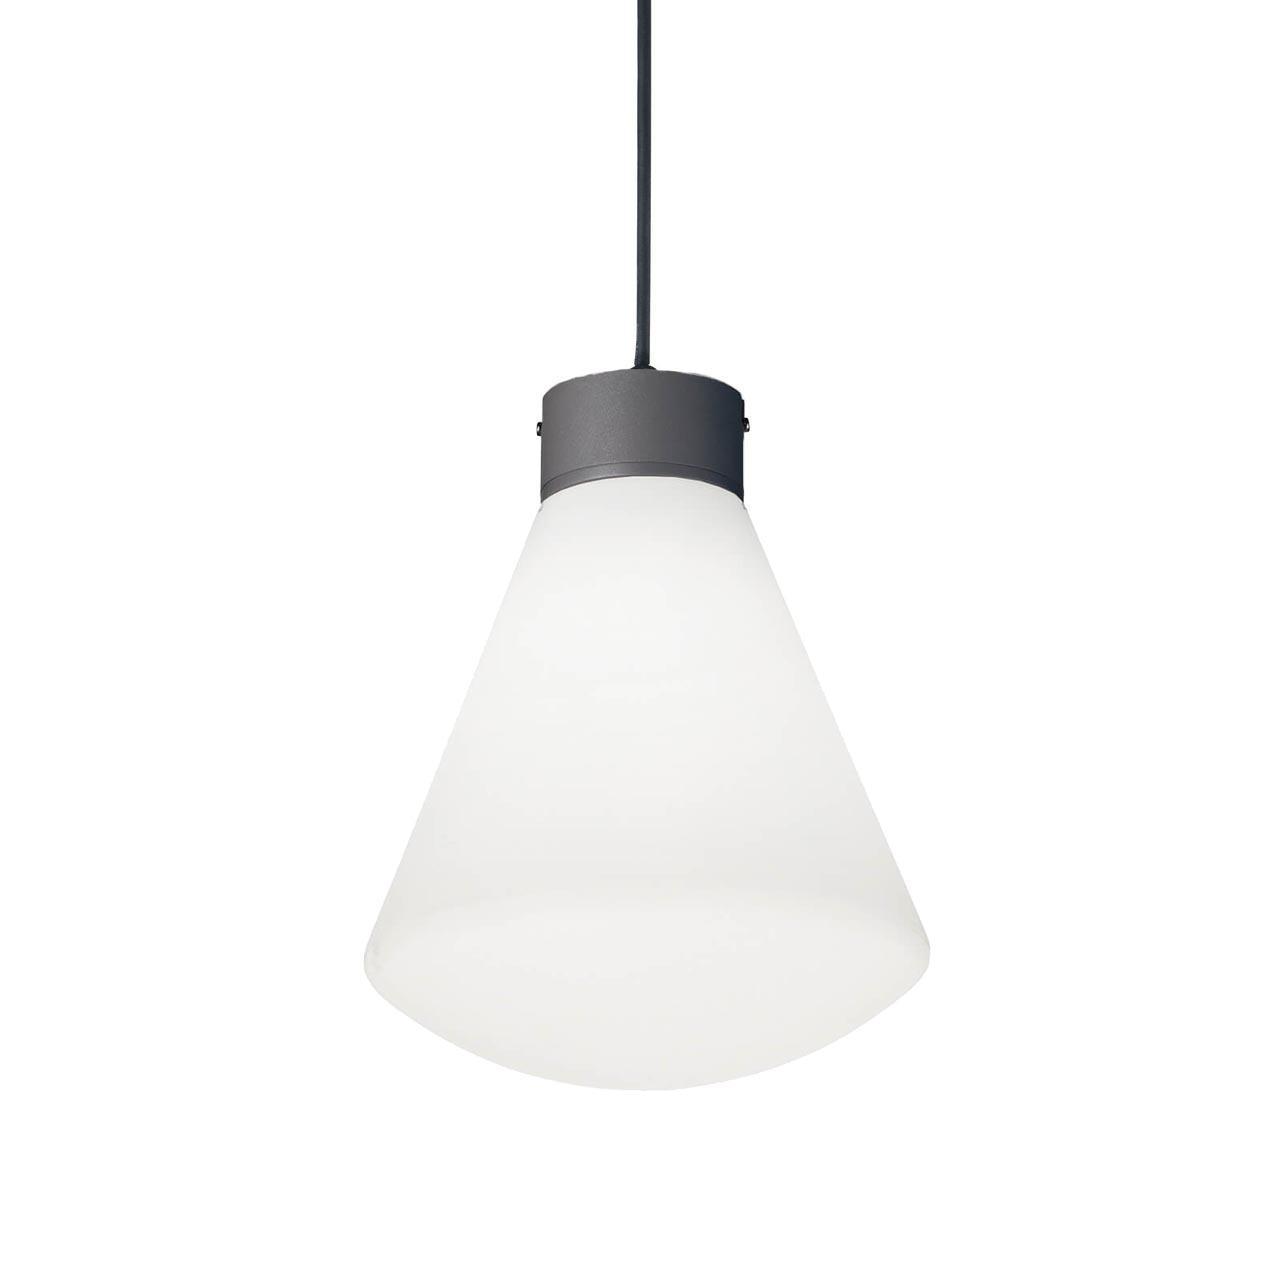 Уличный подвесной светильник Ideal Lux Ouverture SP1 Antracite